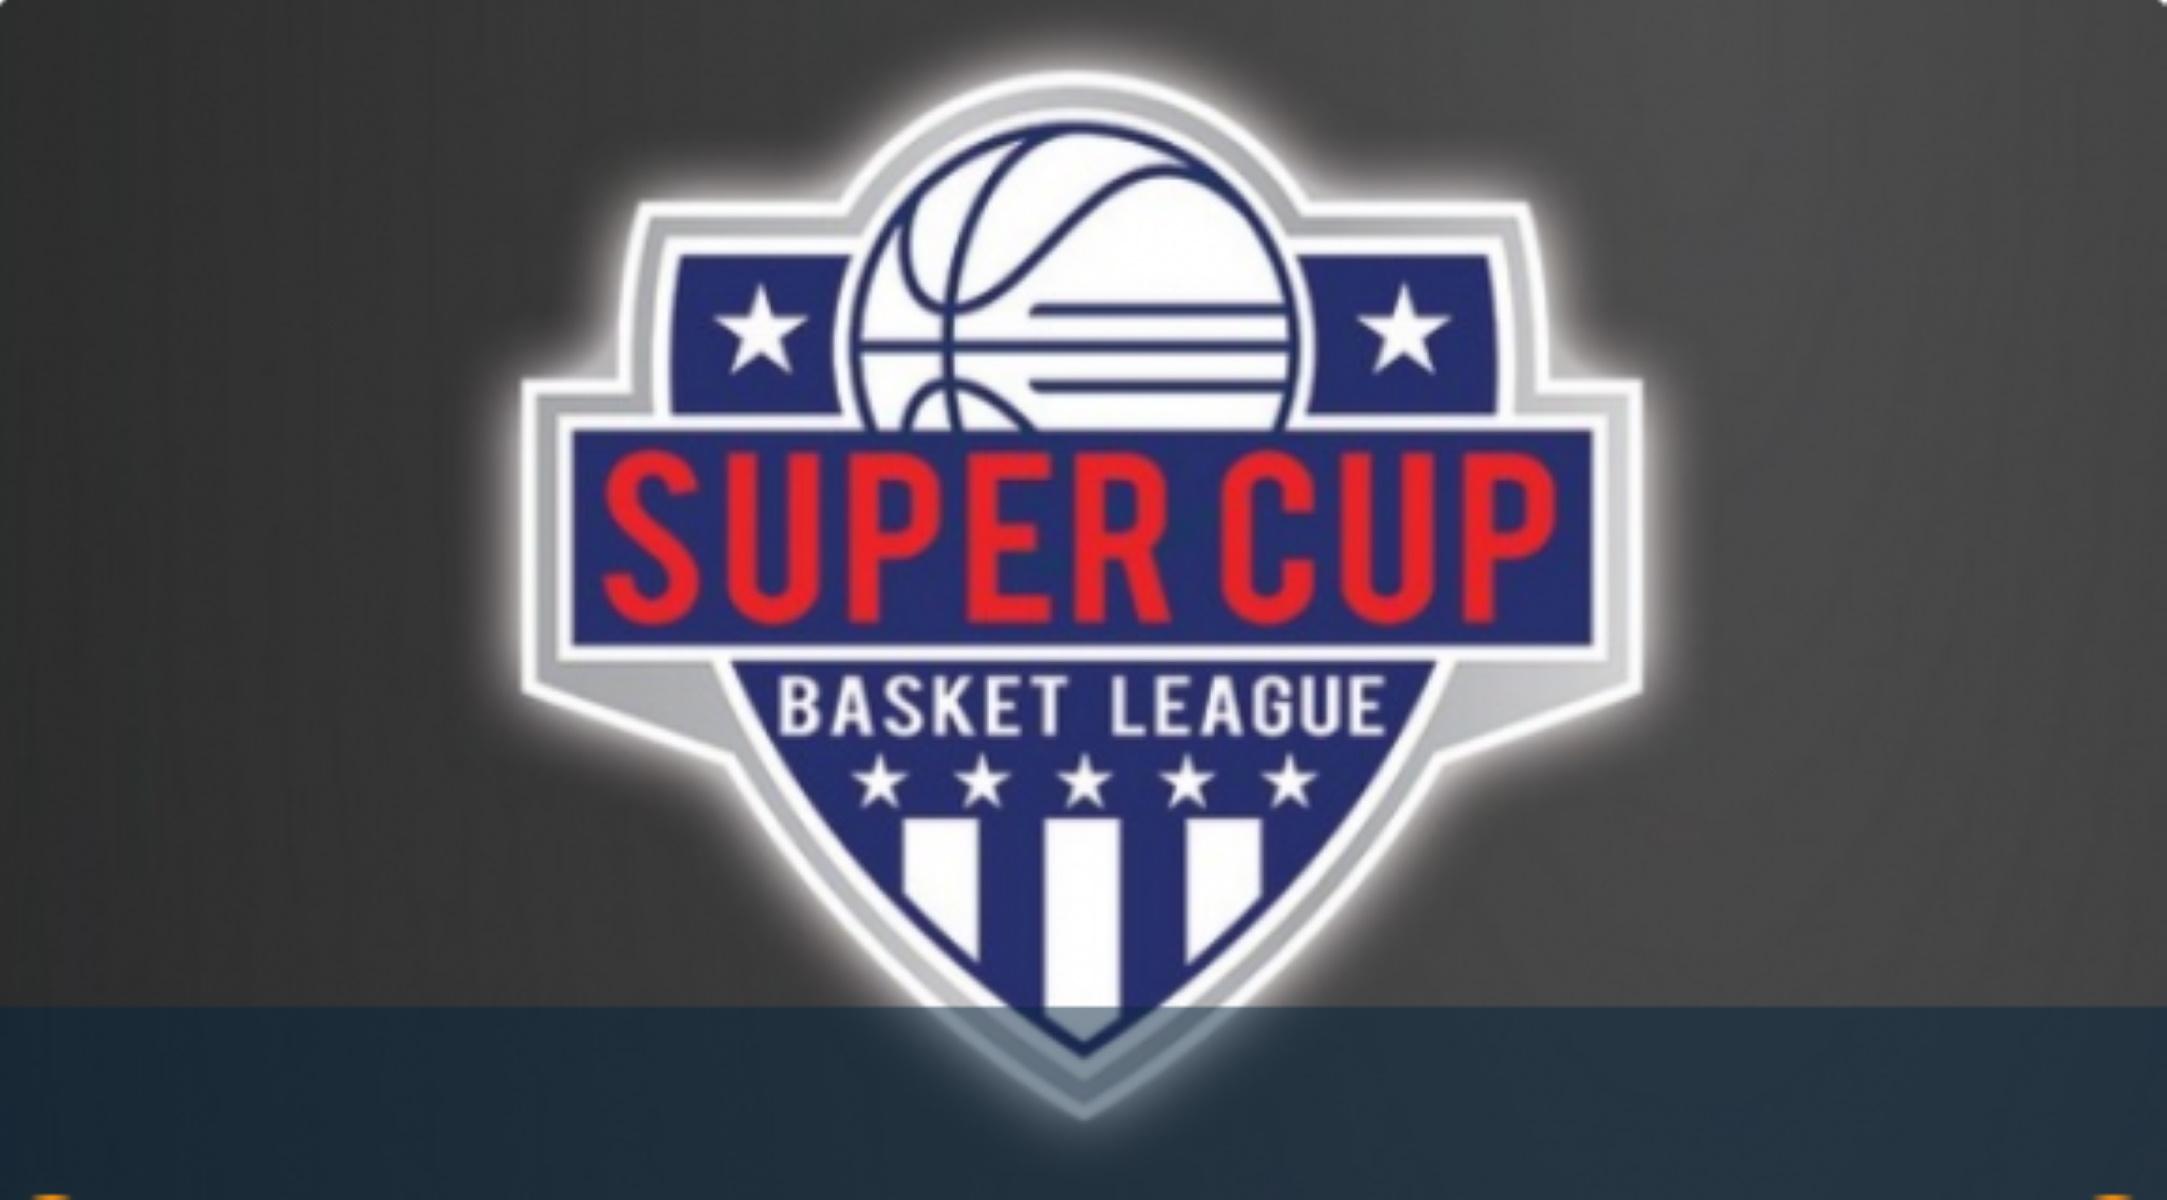 Αυτό είναι το πρόγραμμα του 1ου Super Cup